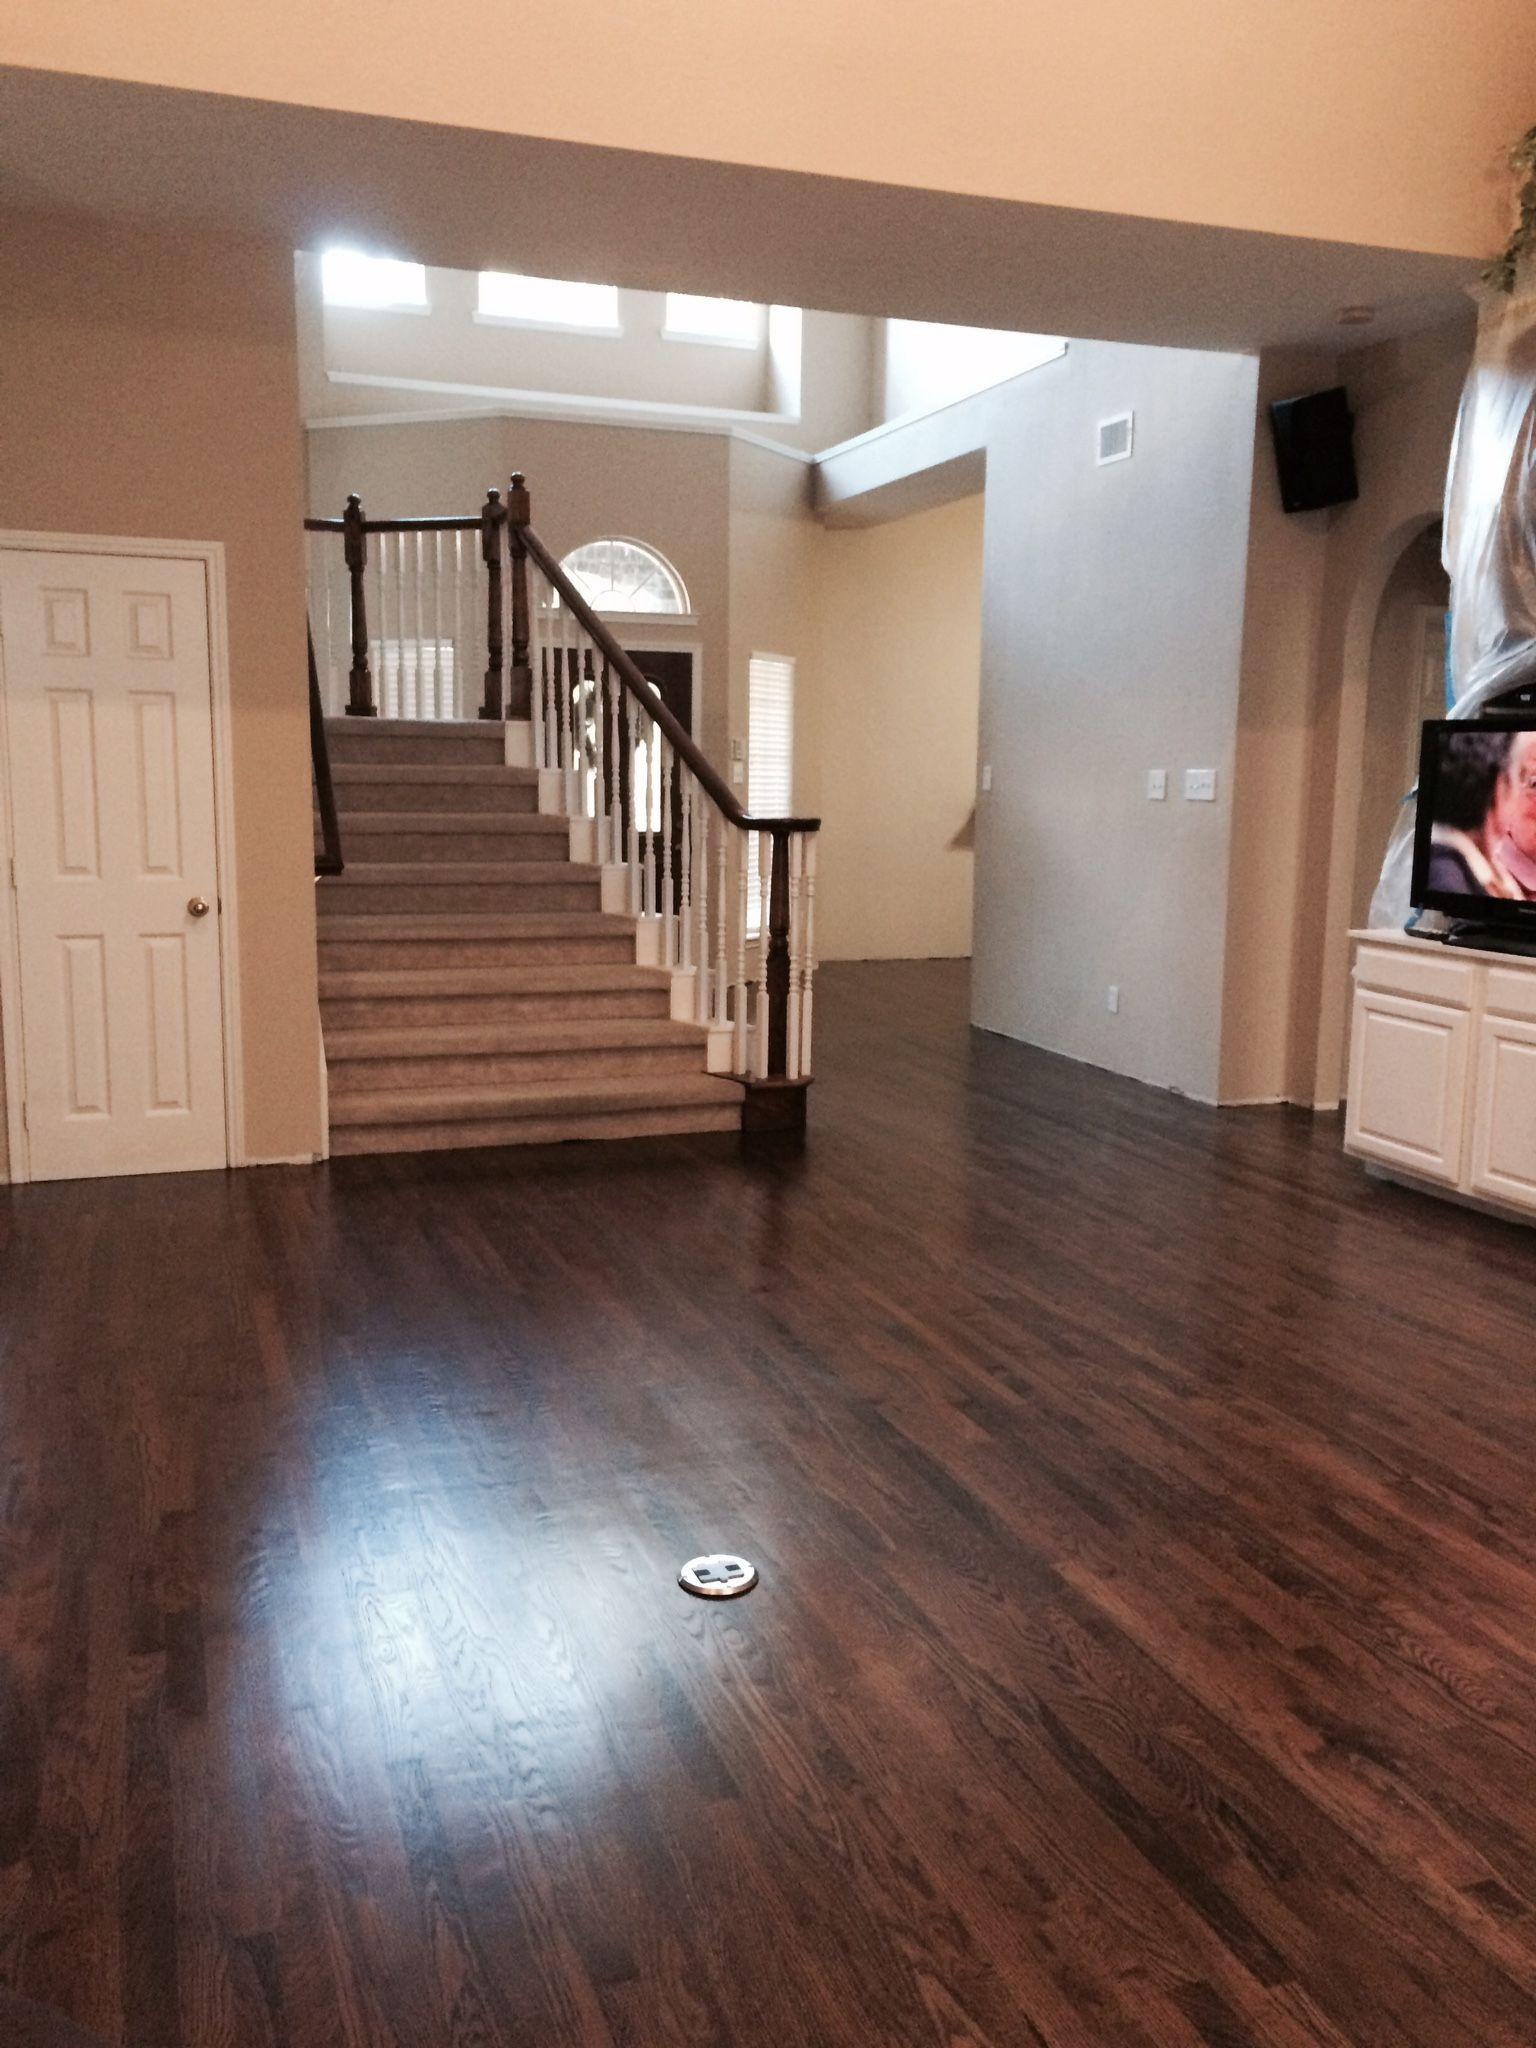 hardwood floor top of stairs of dark walnut stain on white oak hardwood remodel 1floors in 2018 with regard to dark walnut stain on white oak hardwood walnut hardwood flooring hardwood floor stain colors